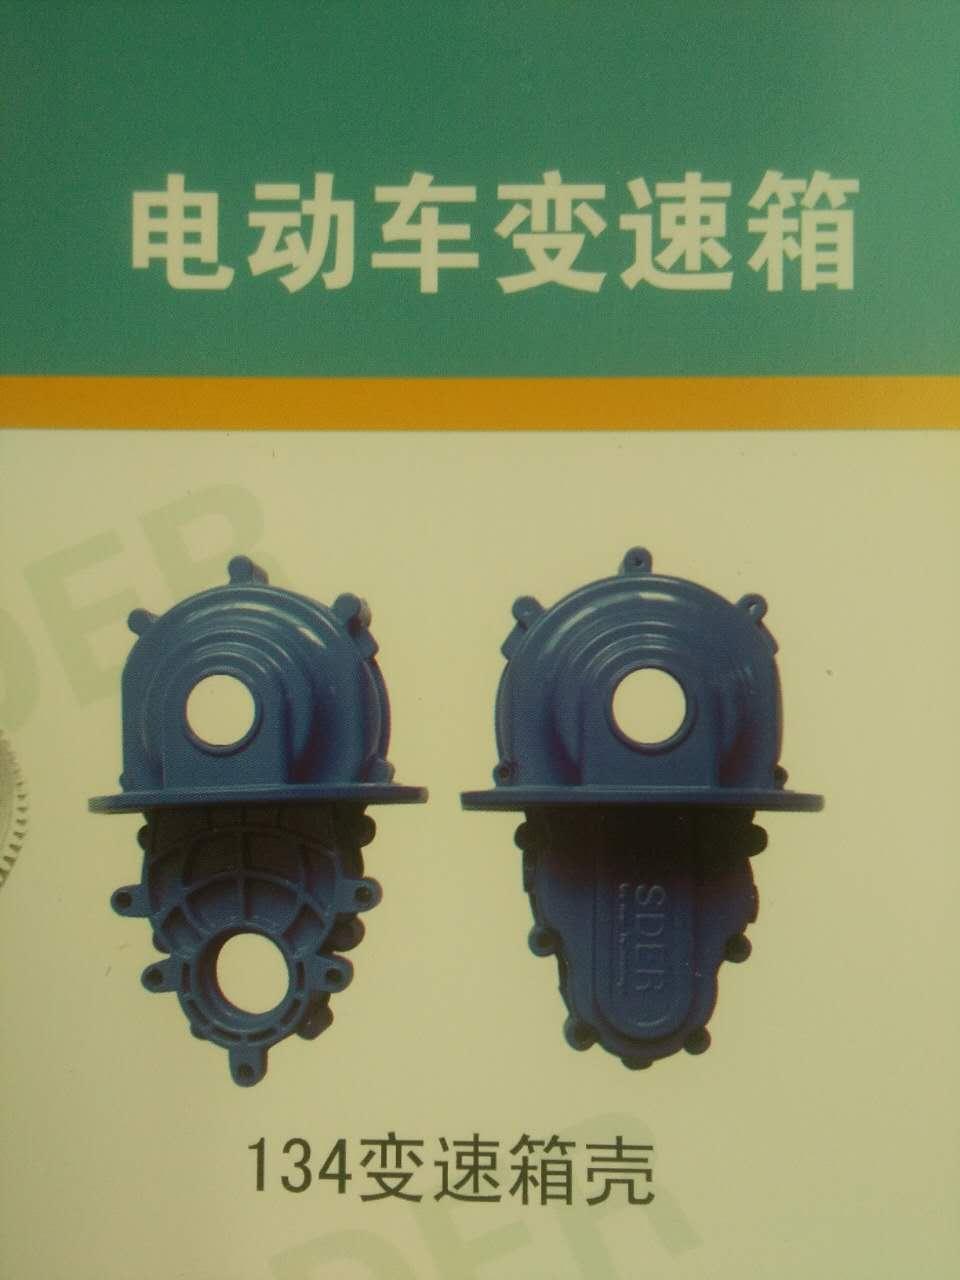 变速箱厂家直销价格_电动变速箱总成134型生产厂家